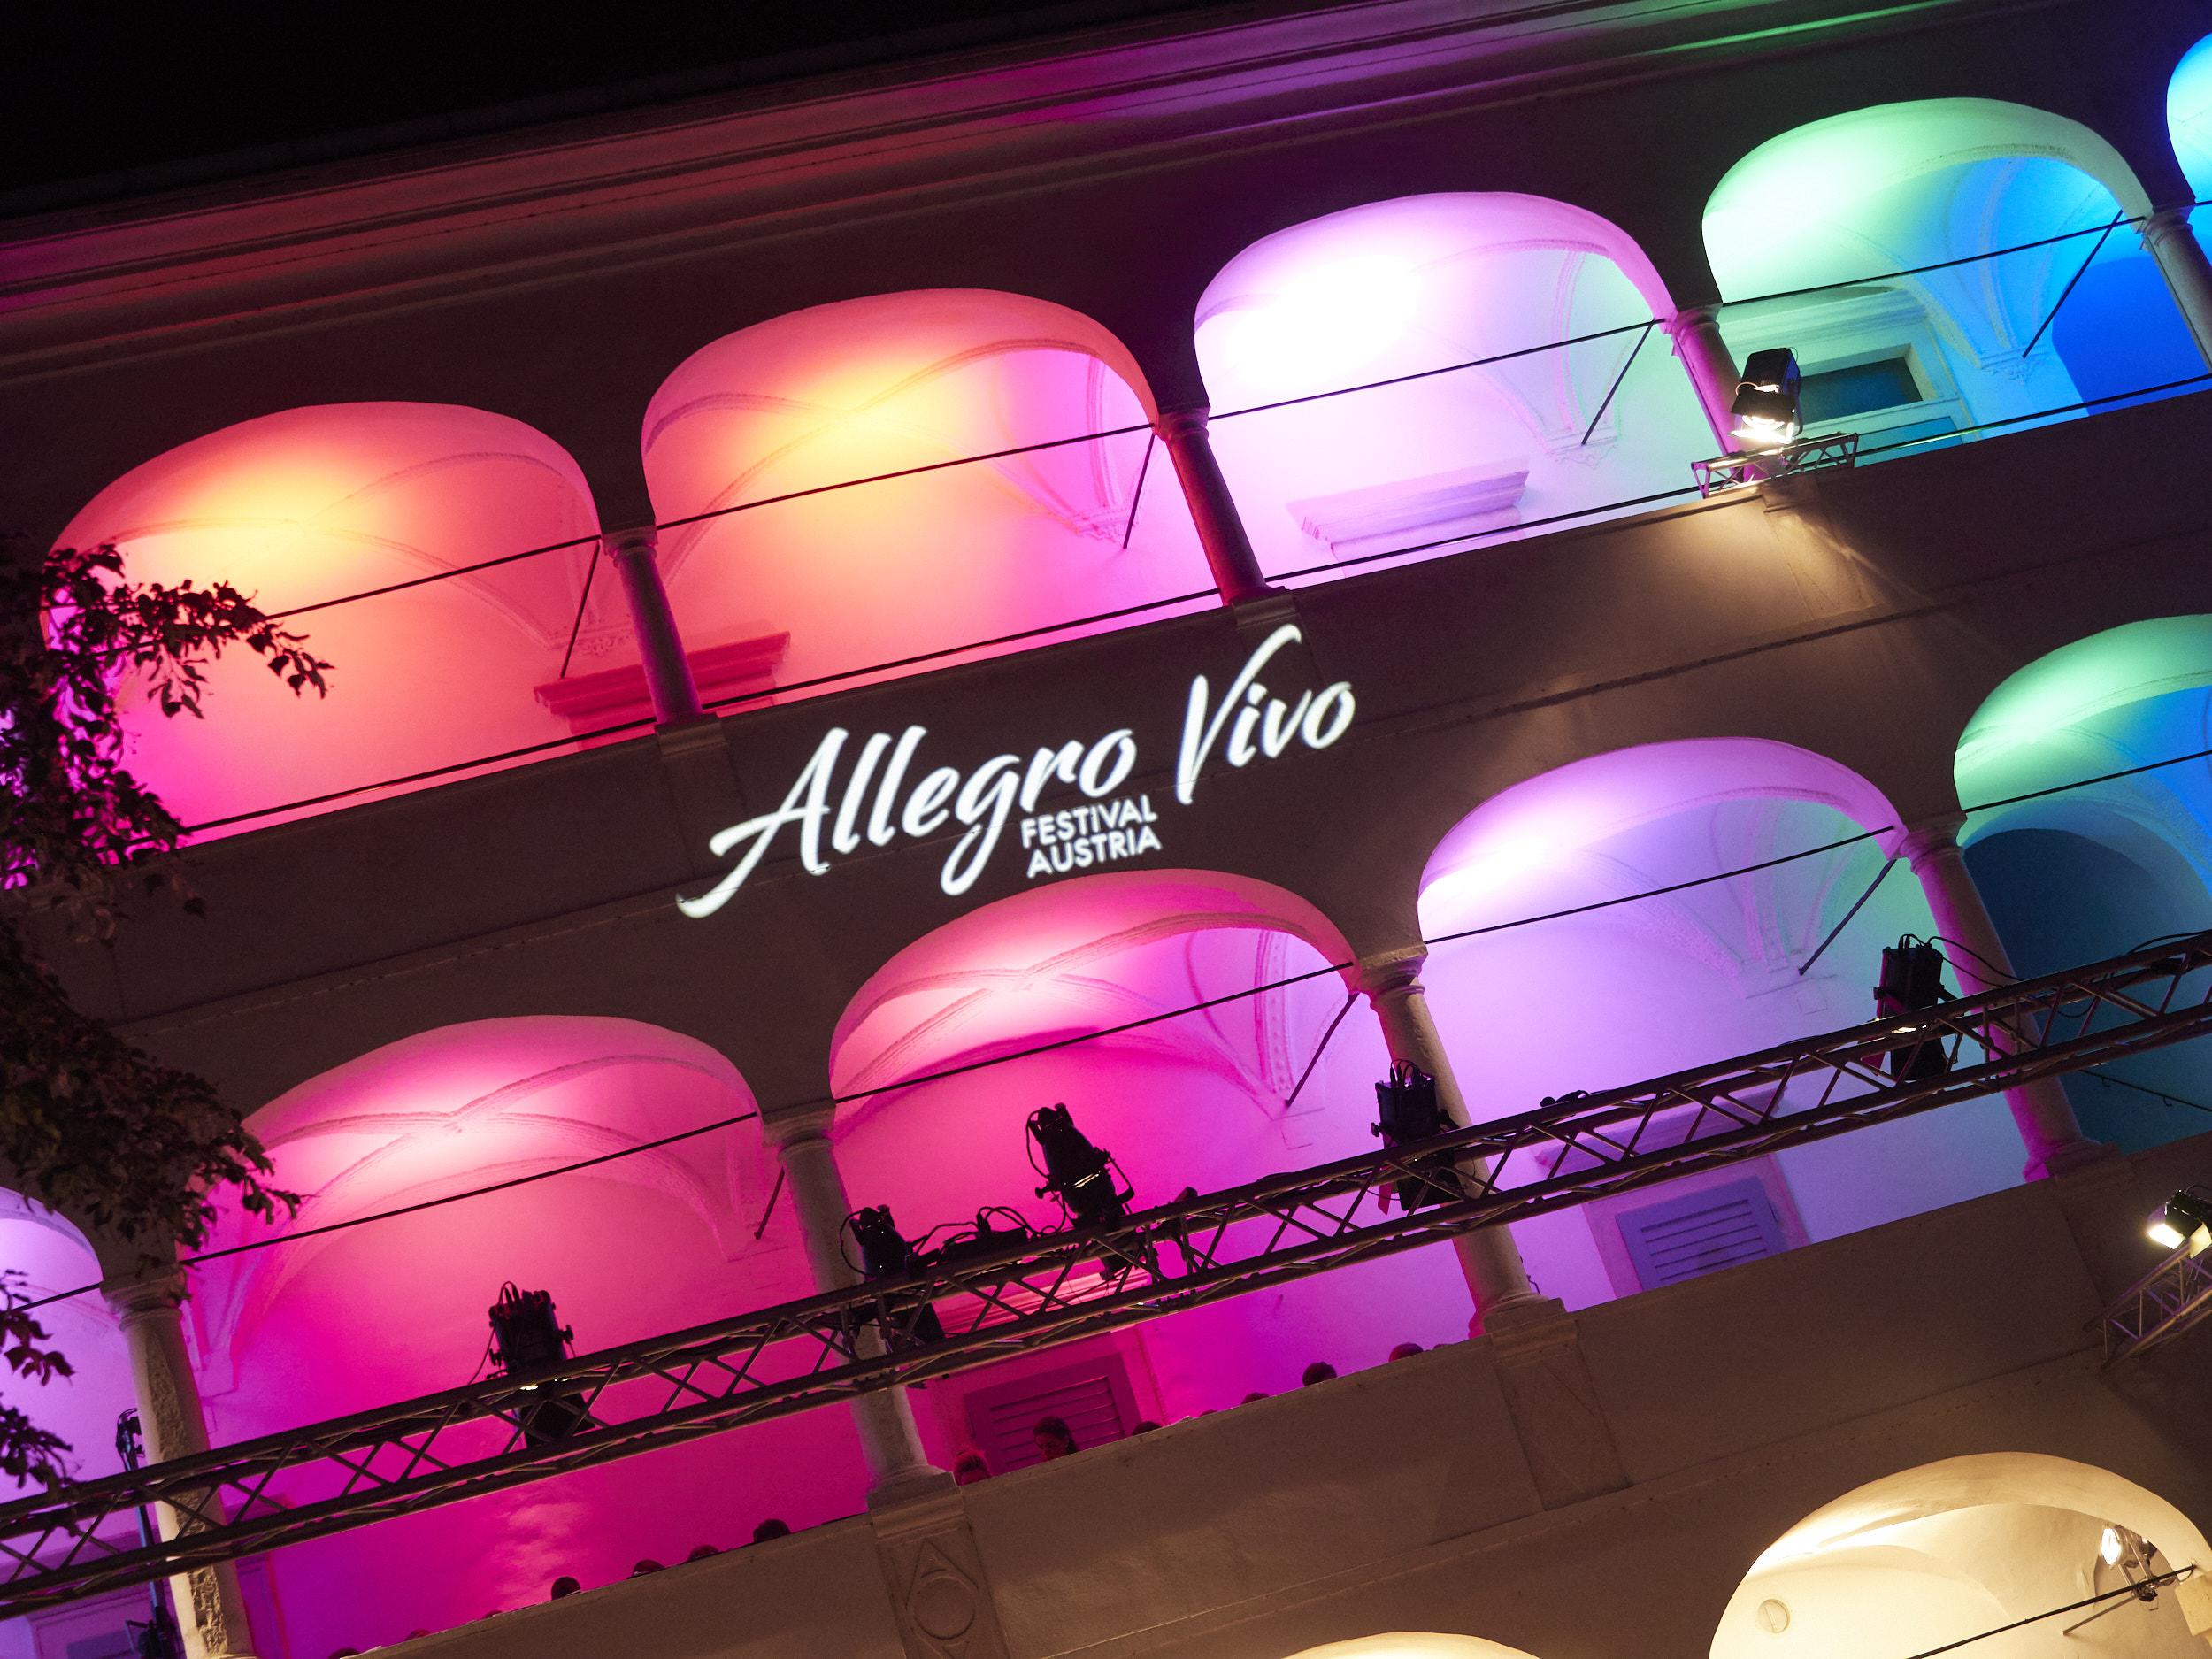 Kunsthaus Horn, Allegro Vivo